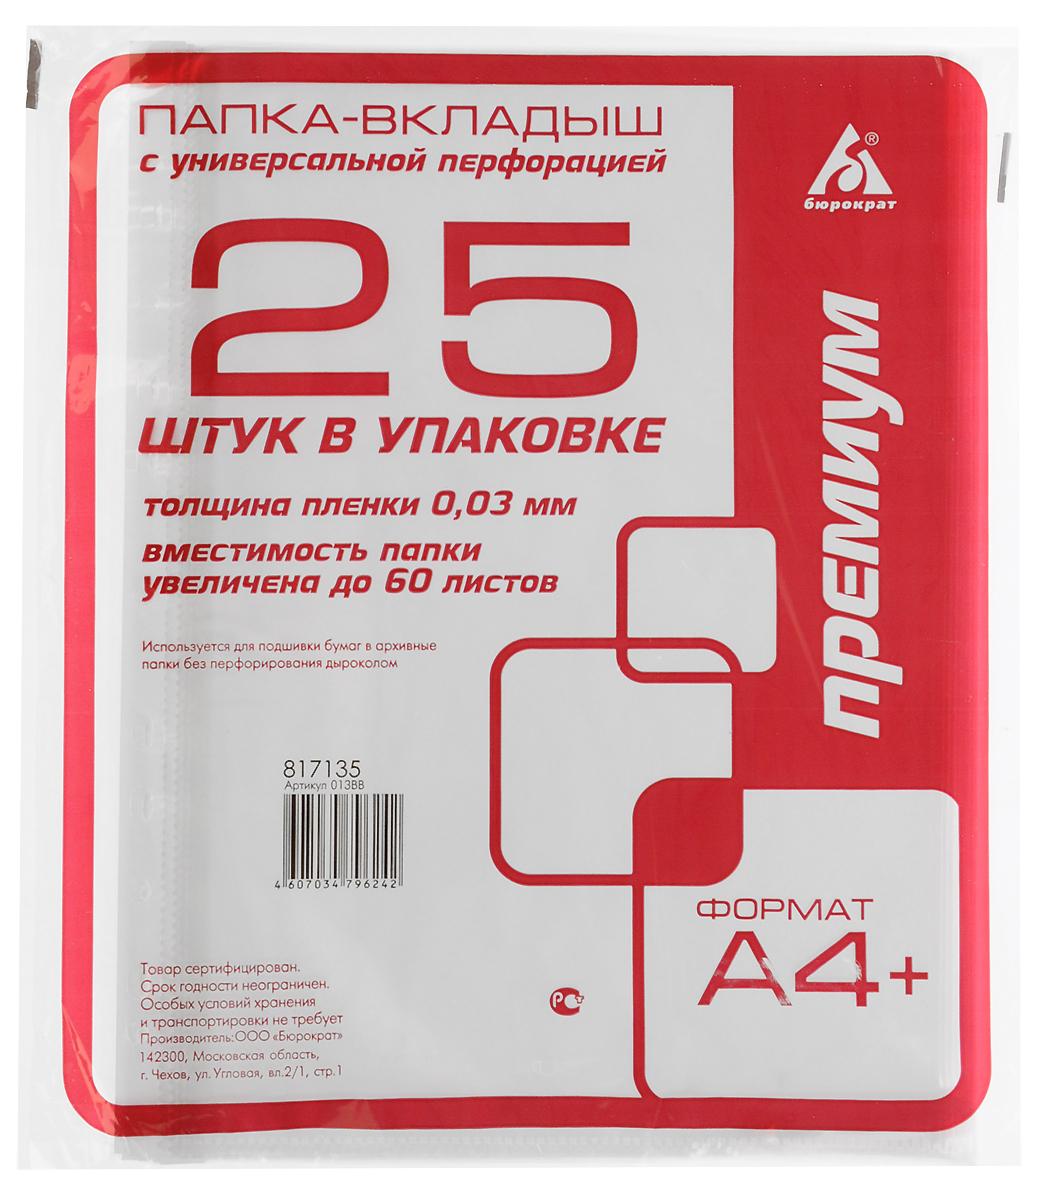 Бюрократ Папка-вкладыш с универсальной перфорацией 25 штFS-00897Папка-вкладыш Бюрократ формата А4+ с универсальной перфорацией, предназначена для подшивки бумаг в архивные папки без перфорирования дыроколом. В комплекте 25 папок-вкладышей. Каждая папка изготовлена из качественного полипропилена и вмещает до 60 листов бумаги.